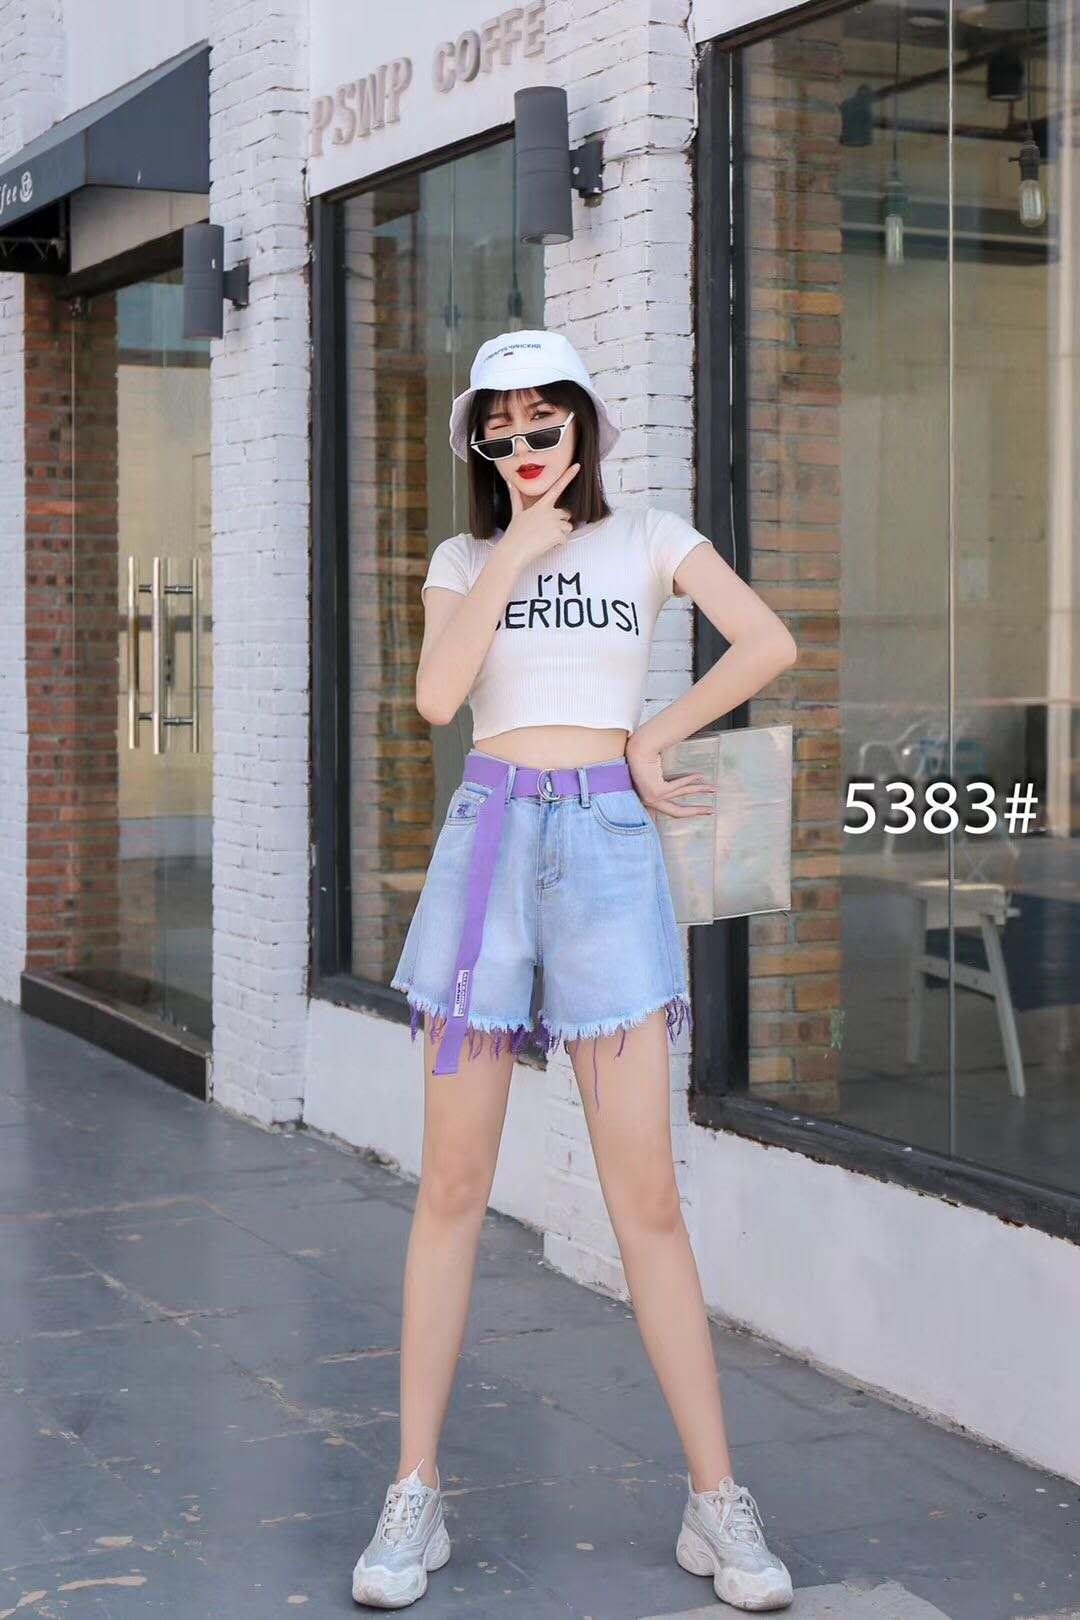 加肥加大牛仔短裤女2020夏季新款胖mm韩版宽松显瘦百搭阔腿裤5383